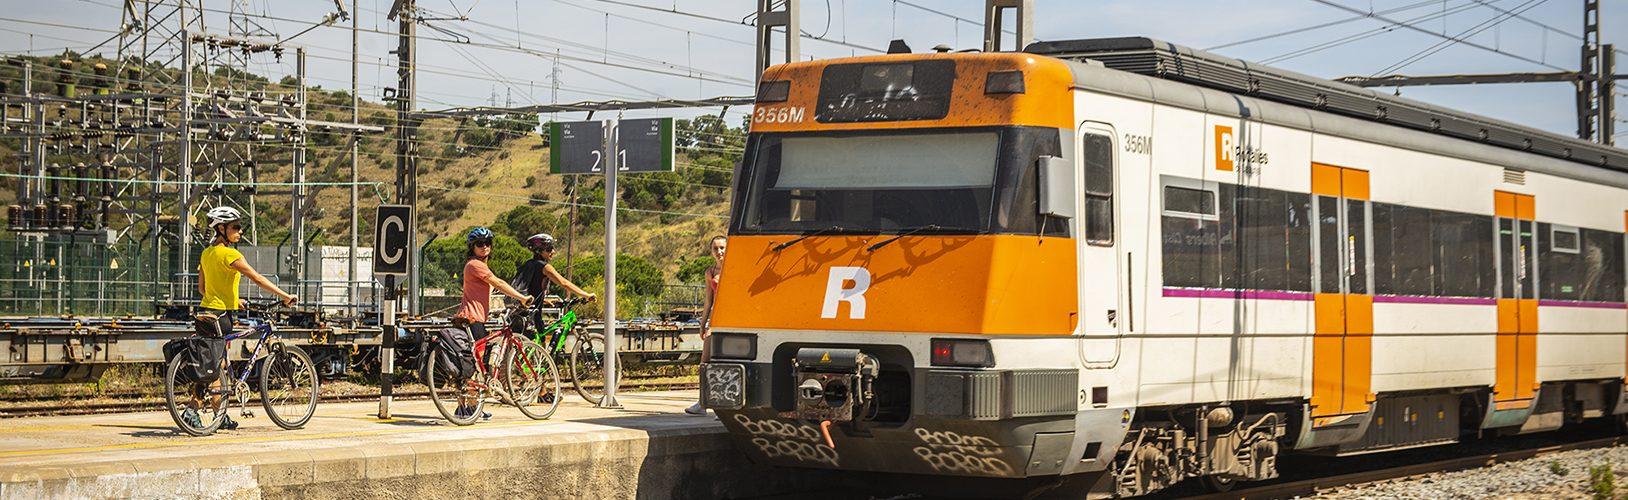 tren arribant a l'estació amb ciclistes